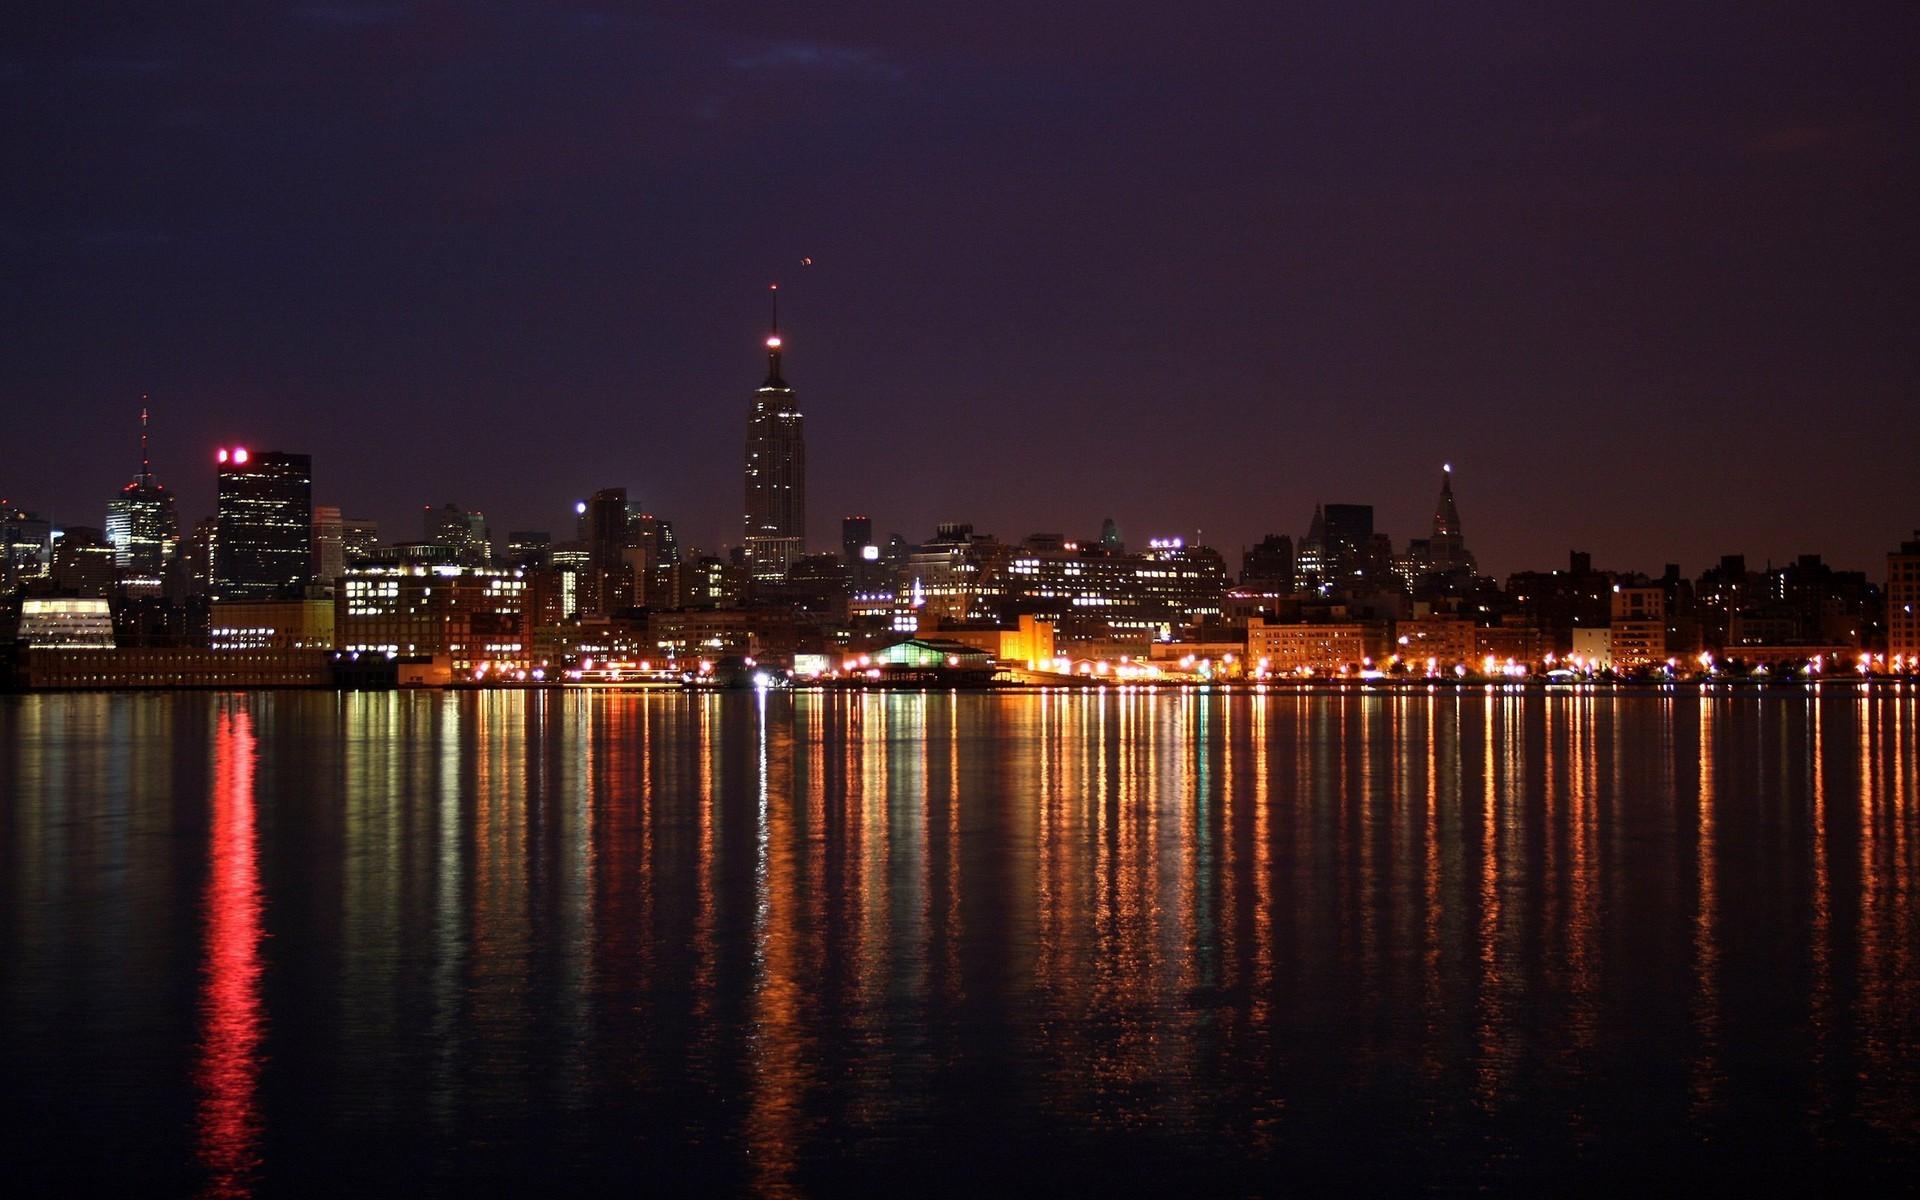 фотографии вечернего города девушек многом усиливается